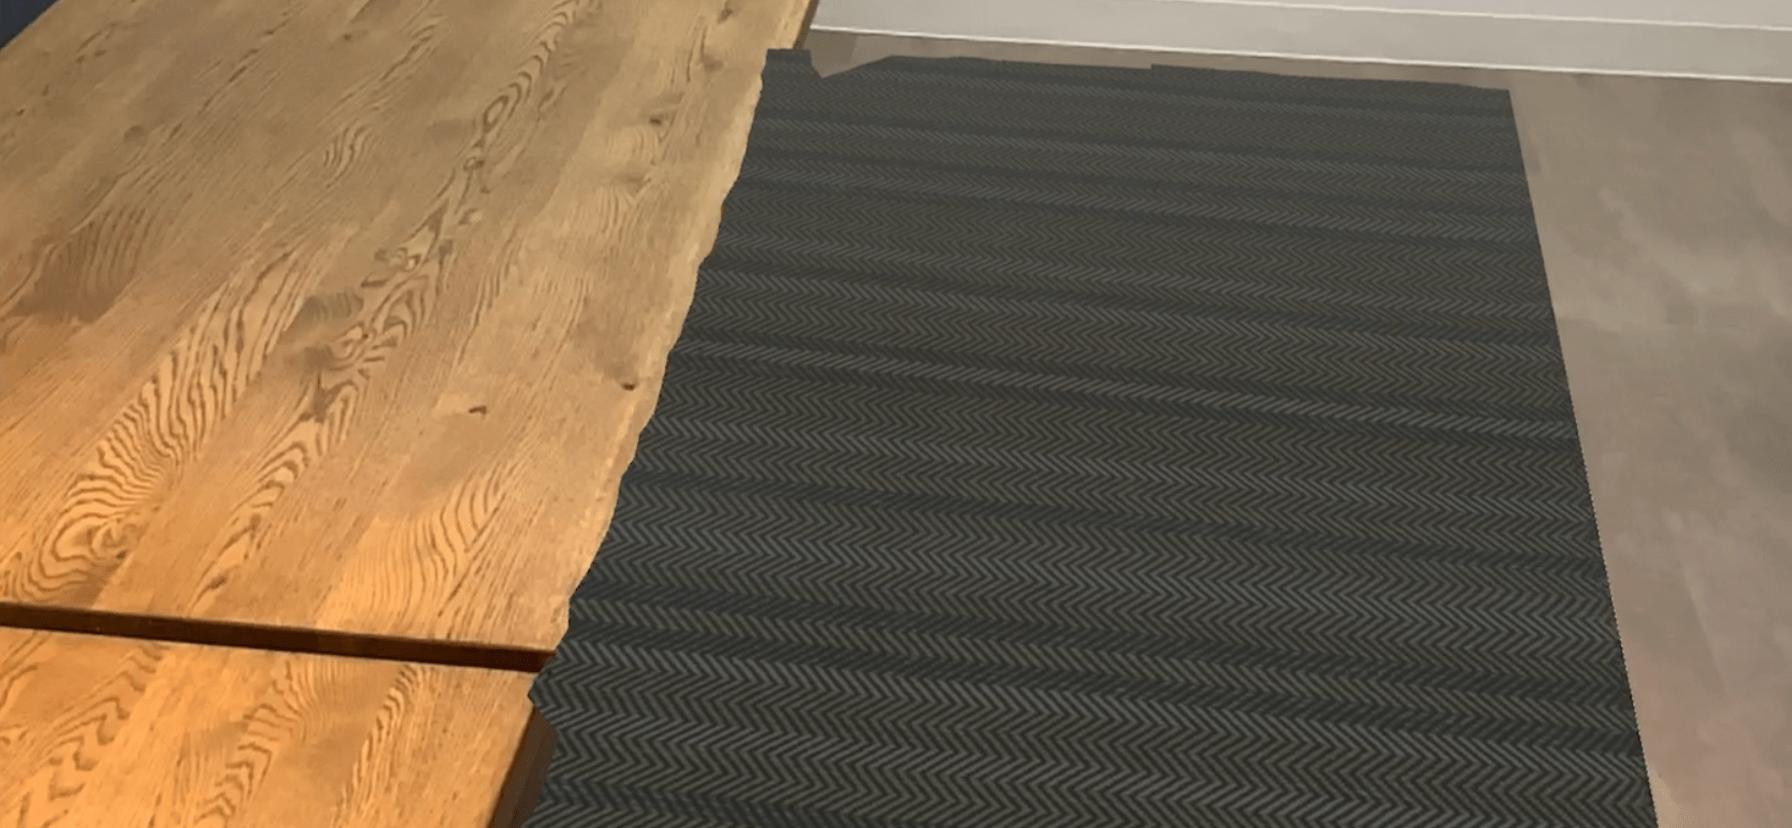 床をお洒落にiPadProのLiDARとWEBARでカーペットを敷いてみた!